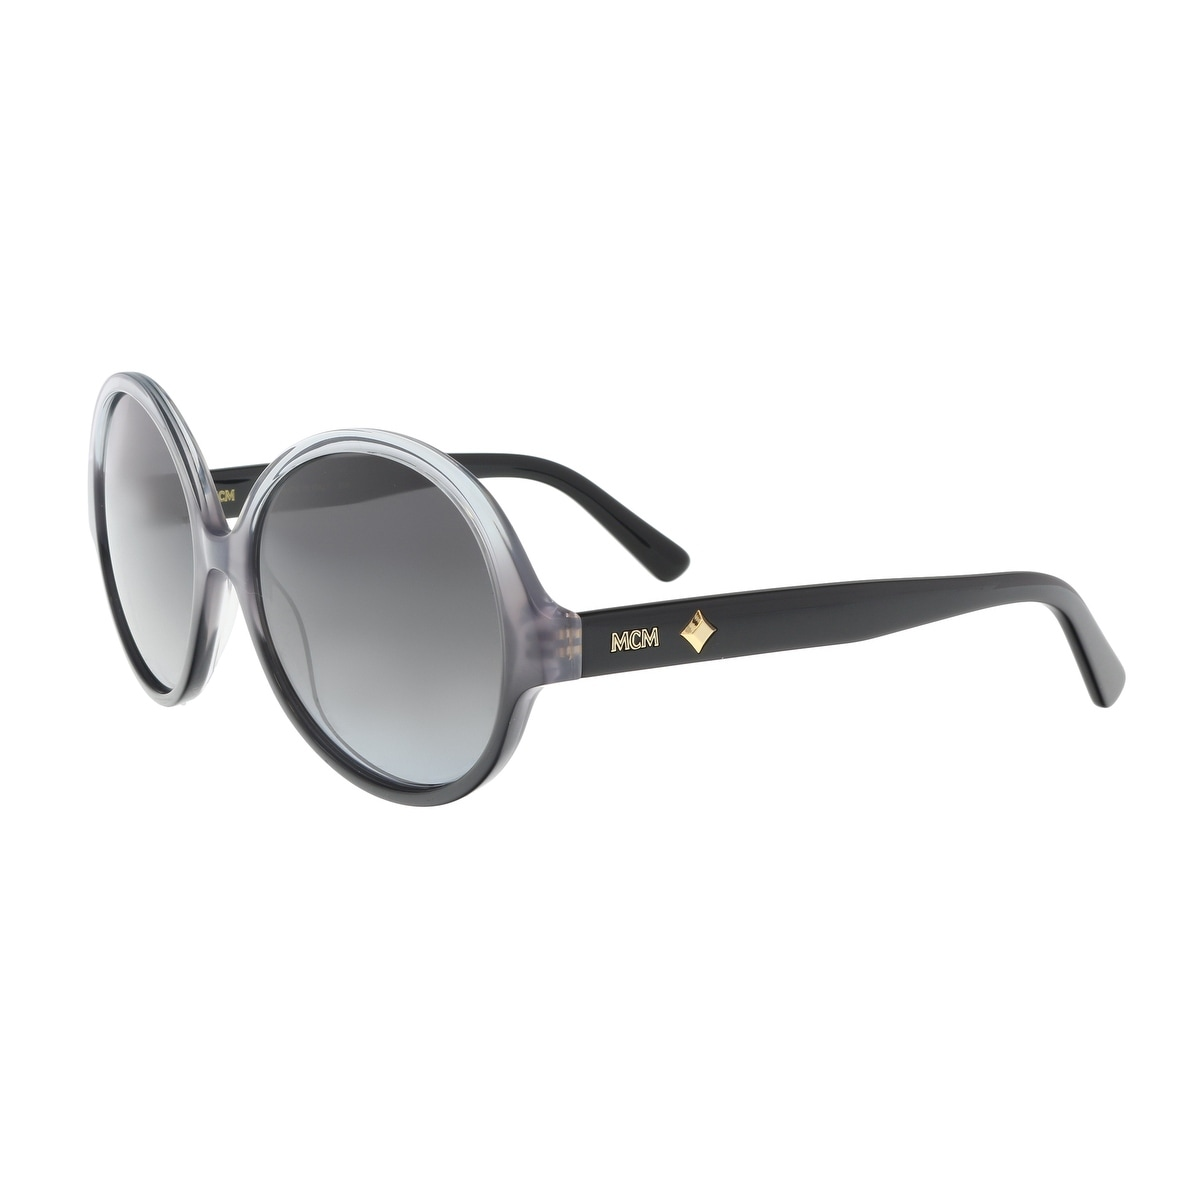 2cc3de4e4e4 MCM Women s Sunglasses